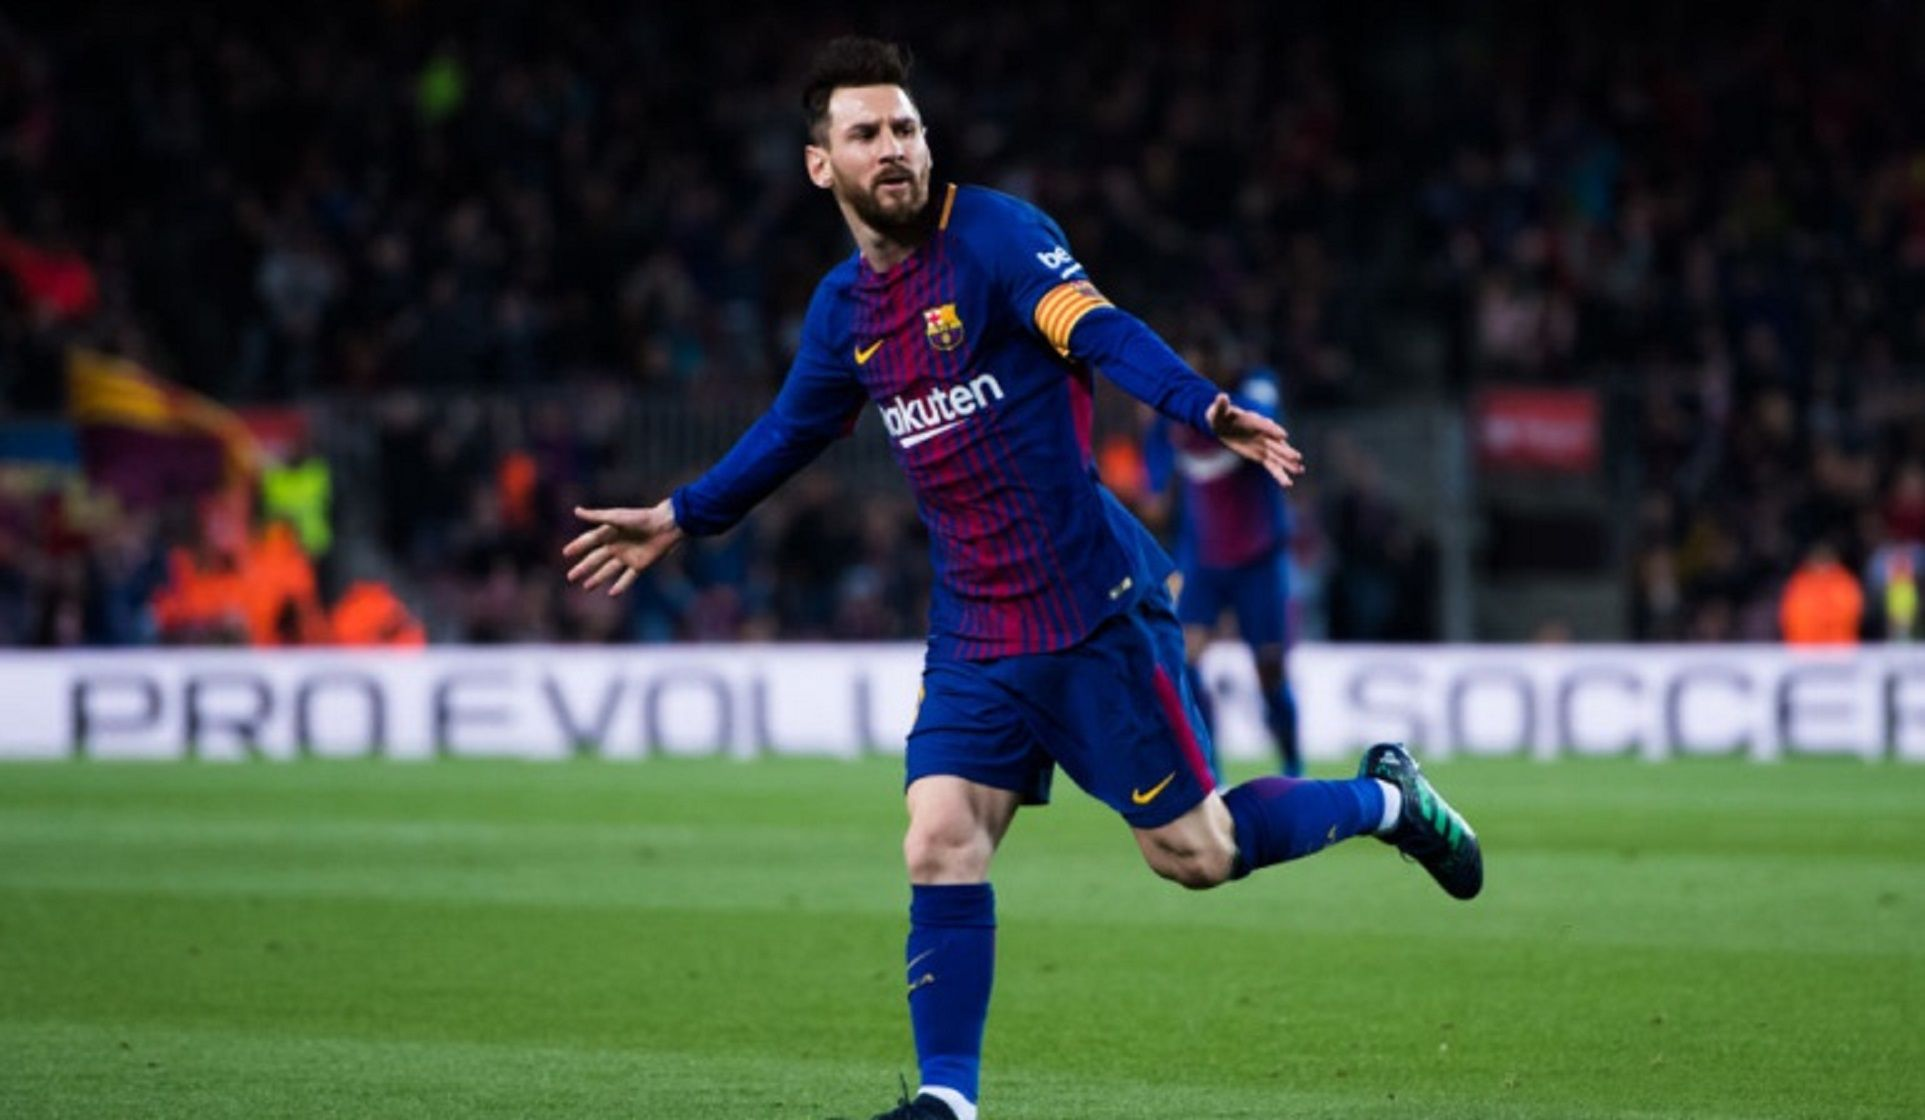 Messi estrenó avión nuevo: le costó 15 millones de dólares